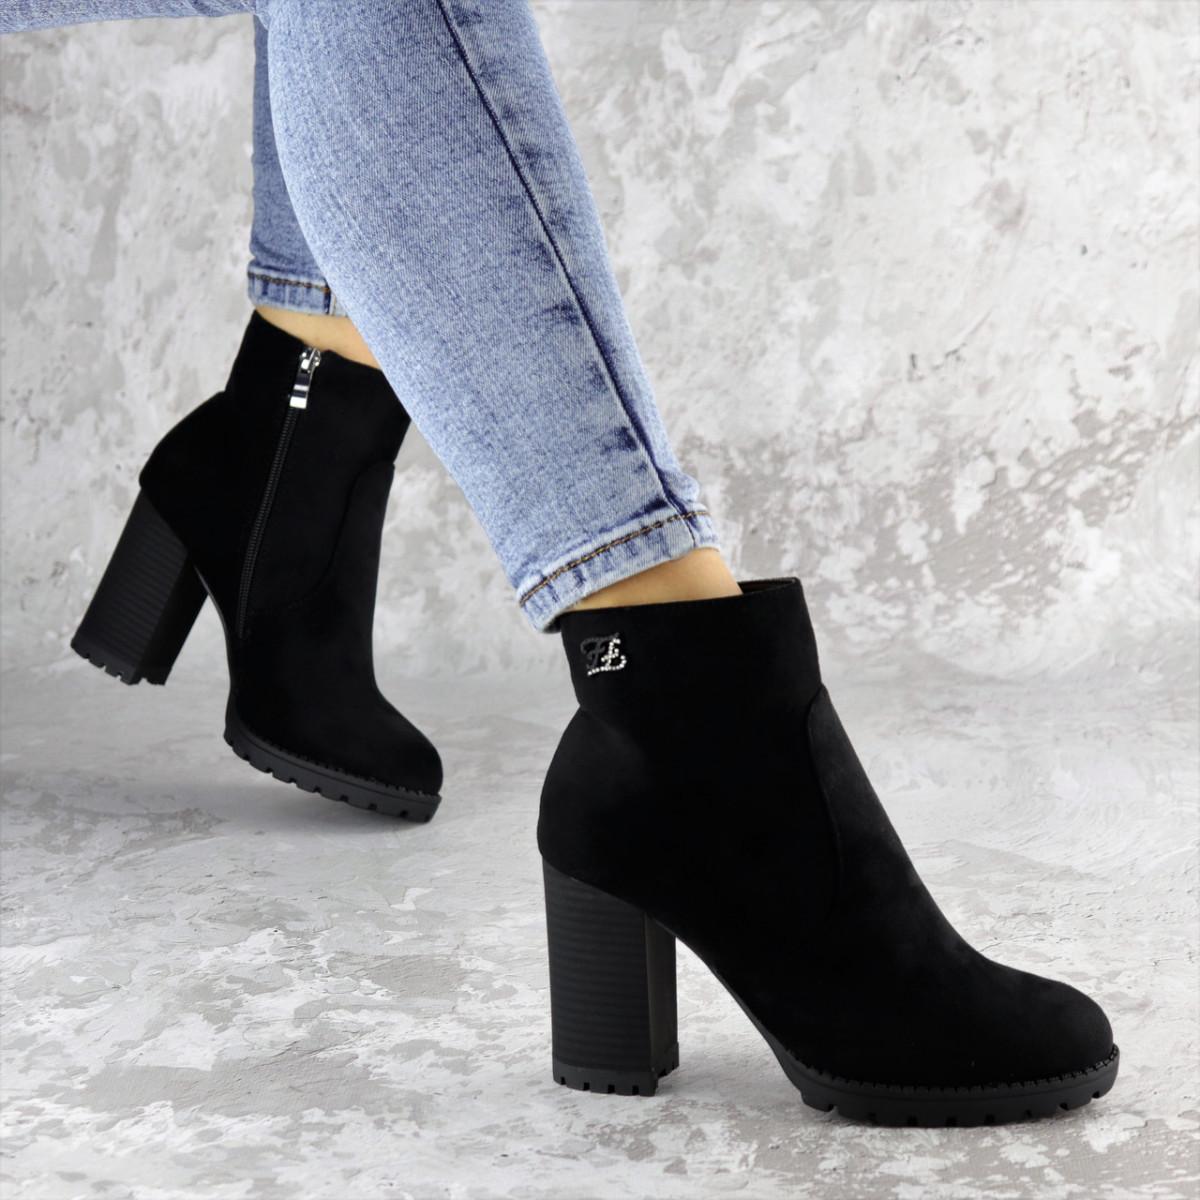 Ботинки женские Fashion Skid 2232 36 размер 23,5 см Черный